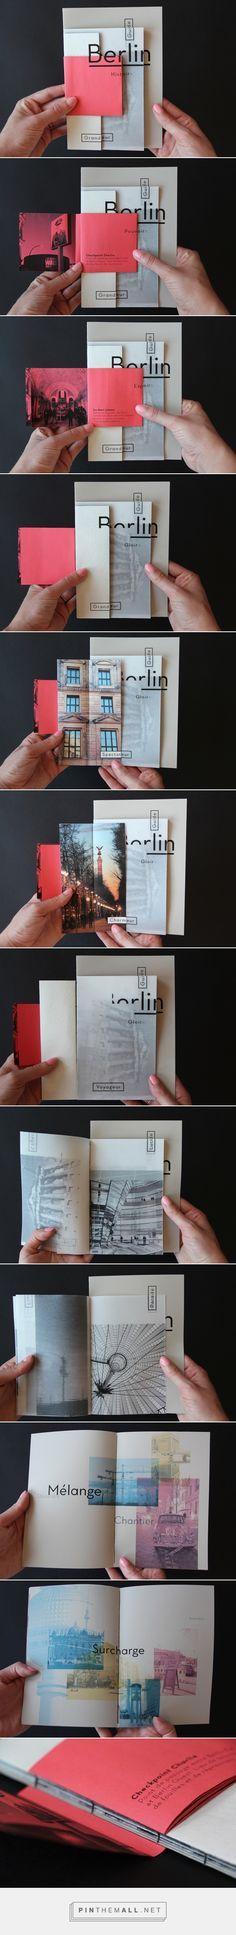 libritosobre una ciudad en la que cada pagina por fuera se ve como un edificio y al cerrar el librito se ve todo como ina ciudad